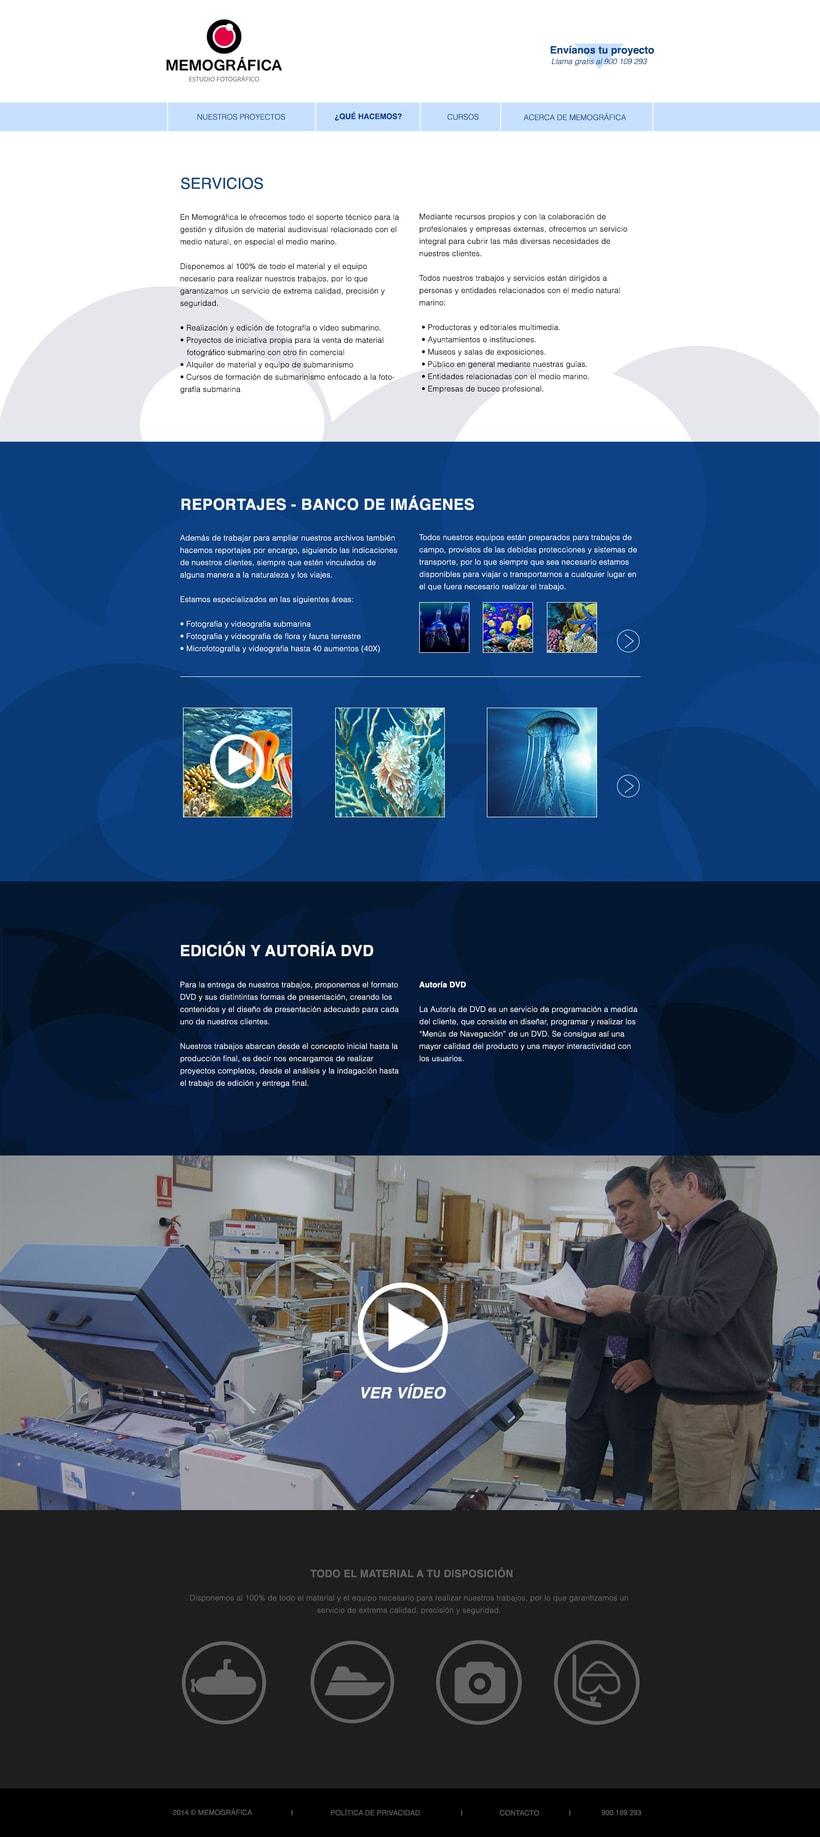 Diseño Web: Memográfica Estudio de fotografía submarina 4